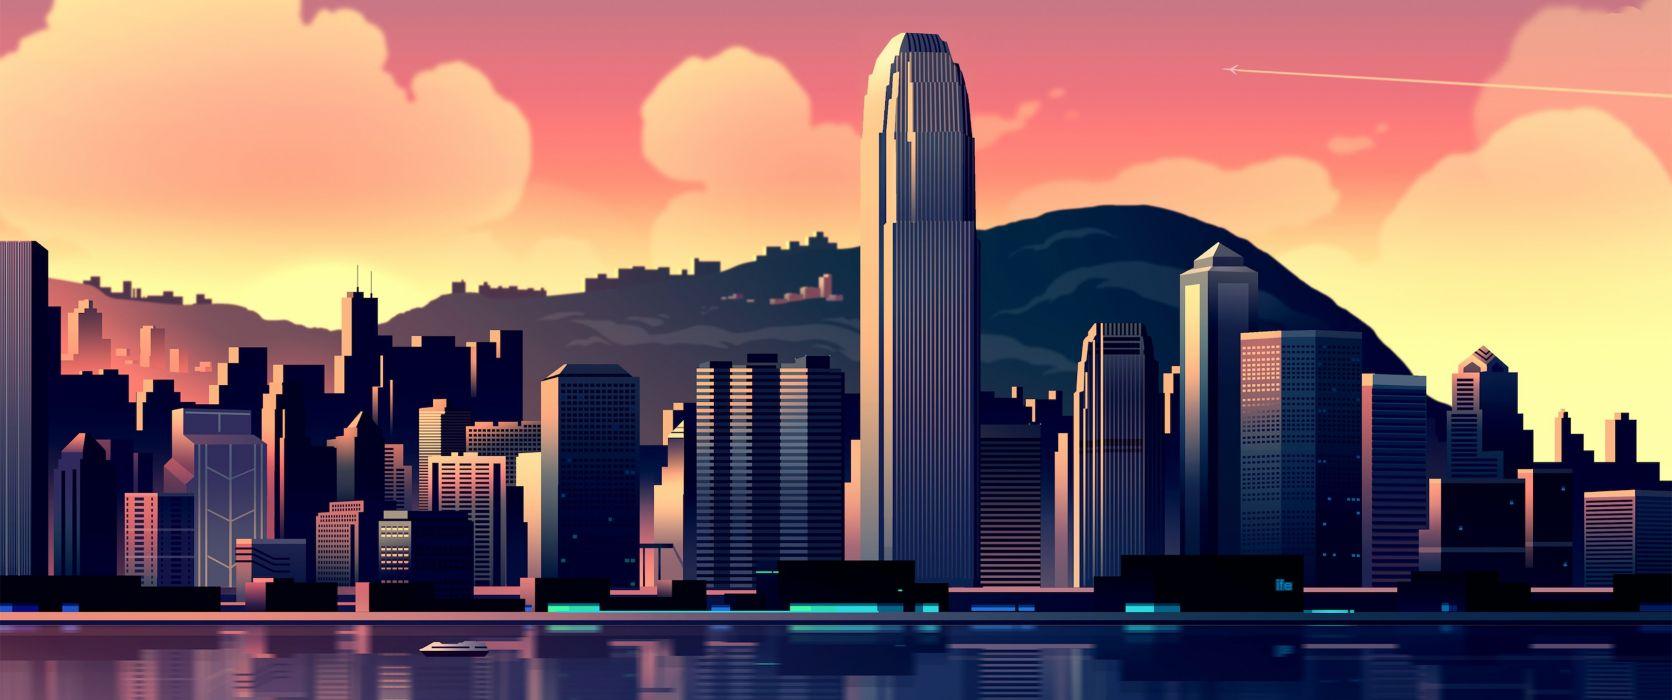 abstracto vector ciudad wallpaper